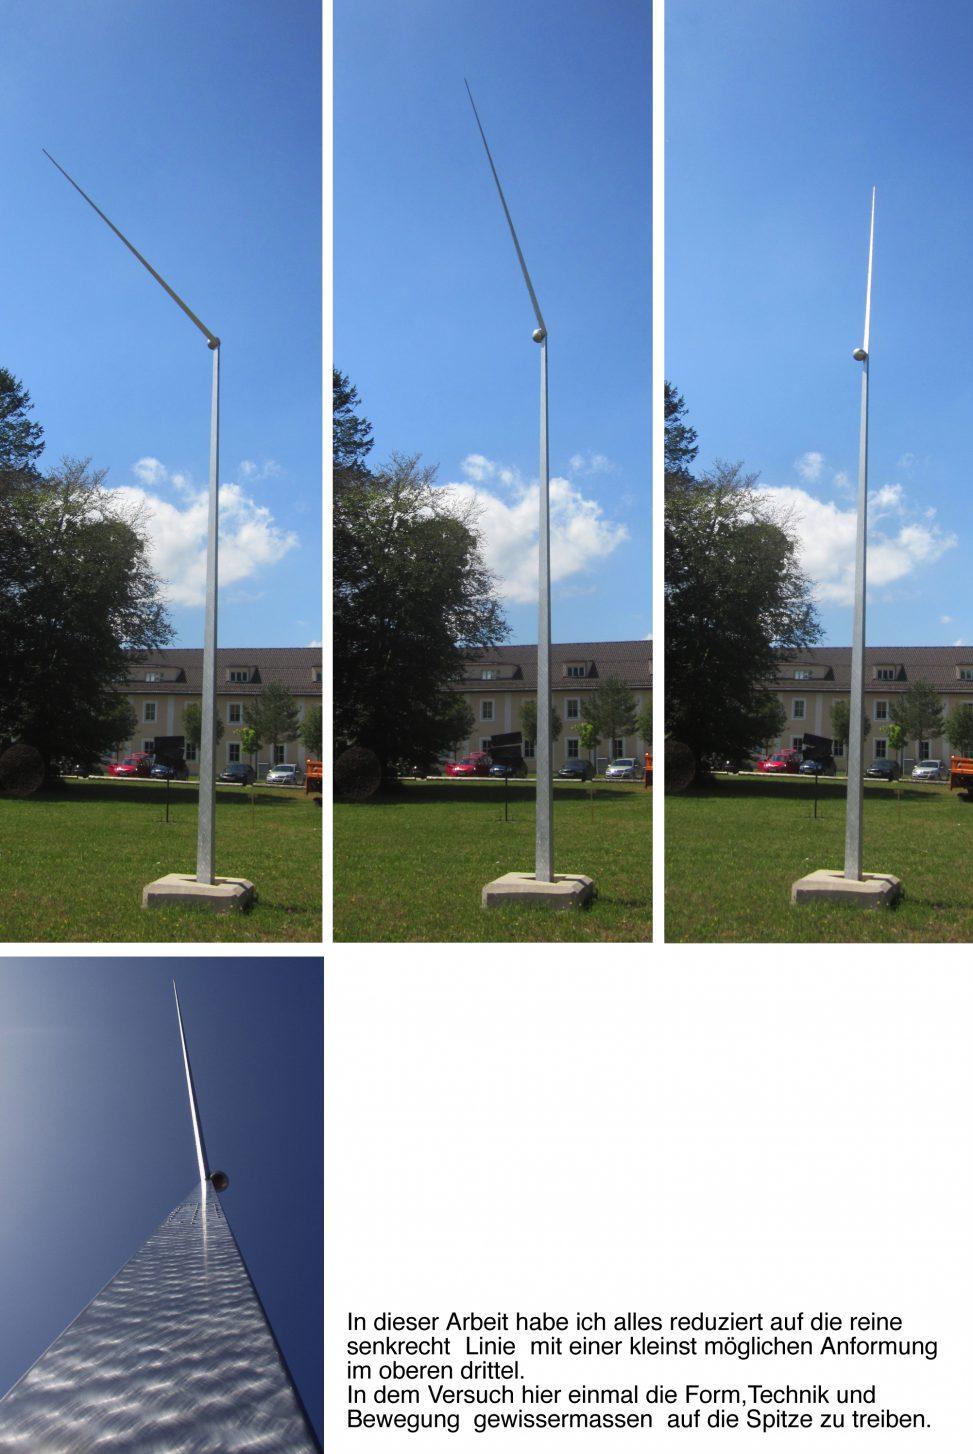 Kinetische Plastik Antrieb Wind; Höhe 9m Material Aluminium und Stahl; 2008 Privatbesitz